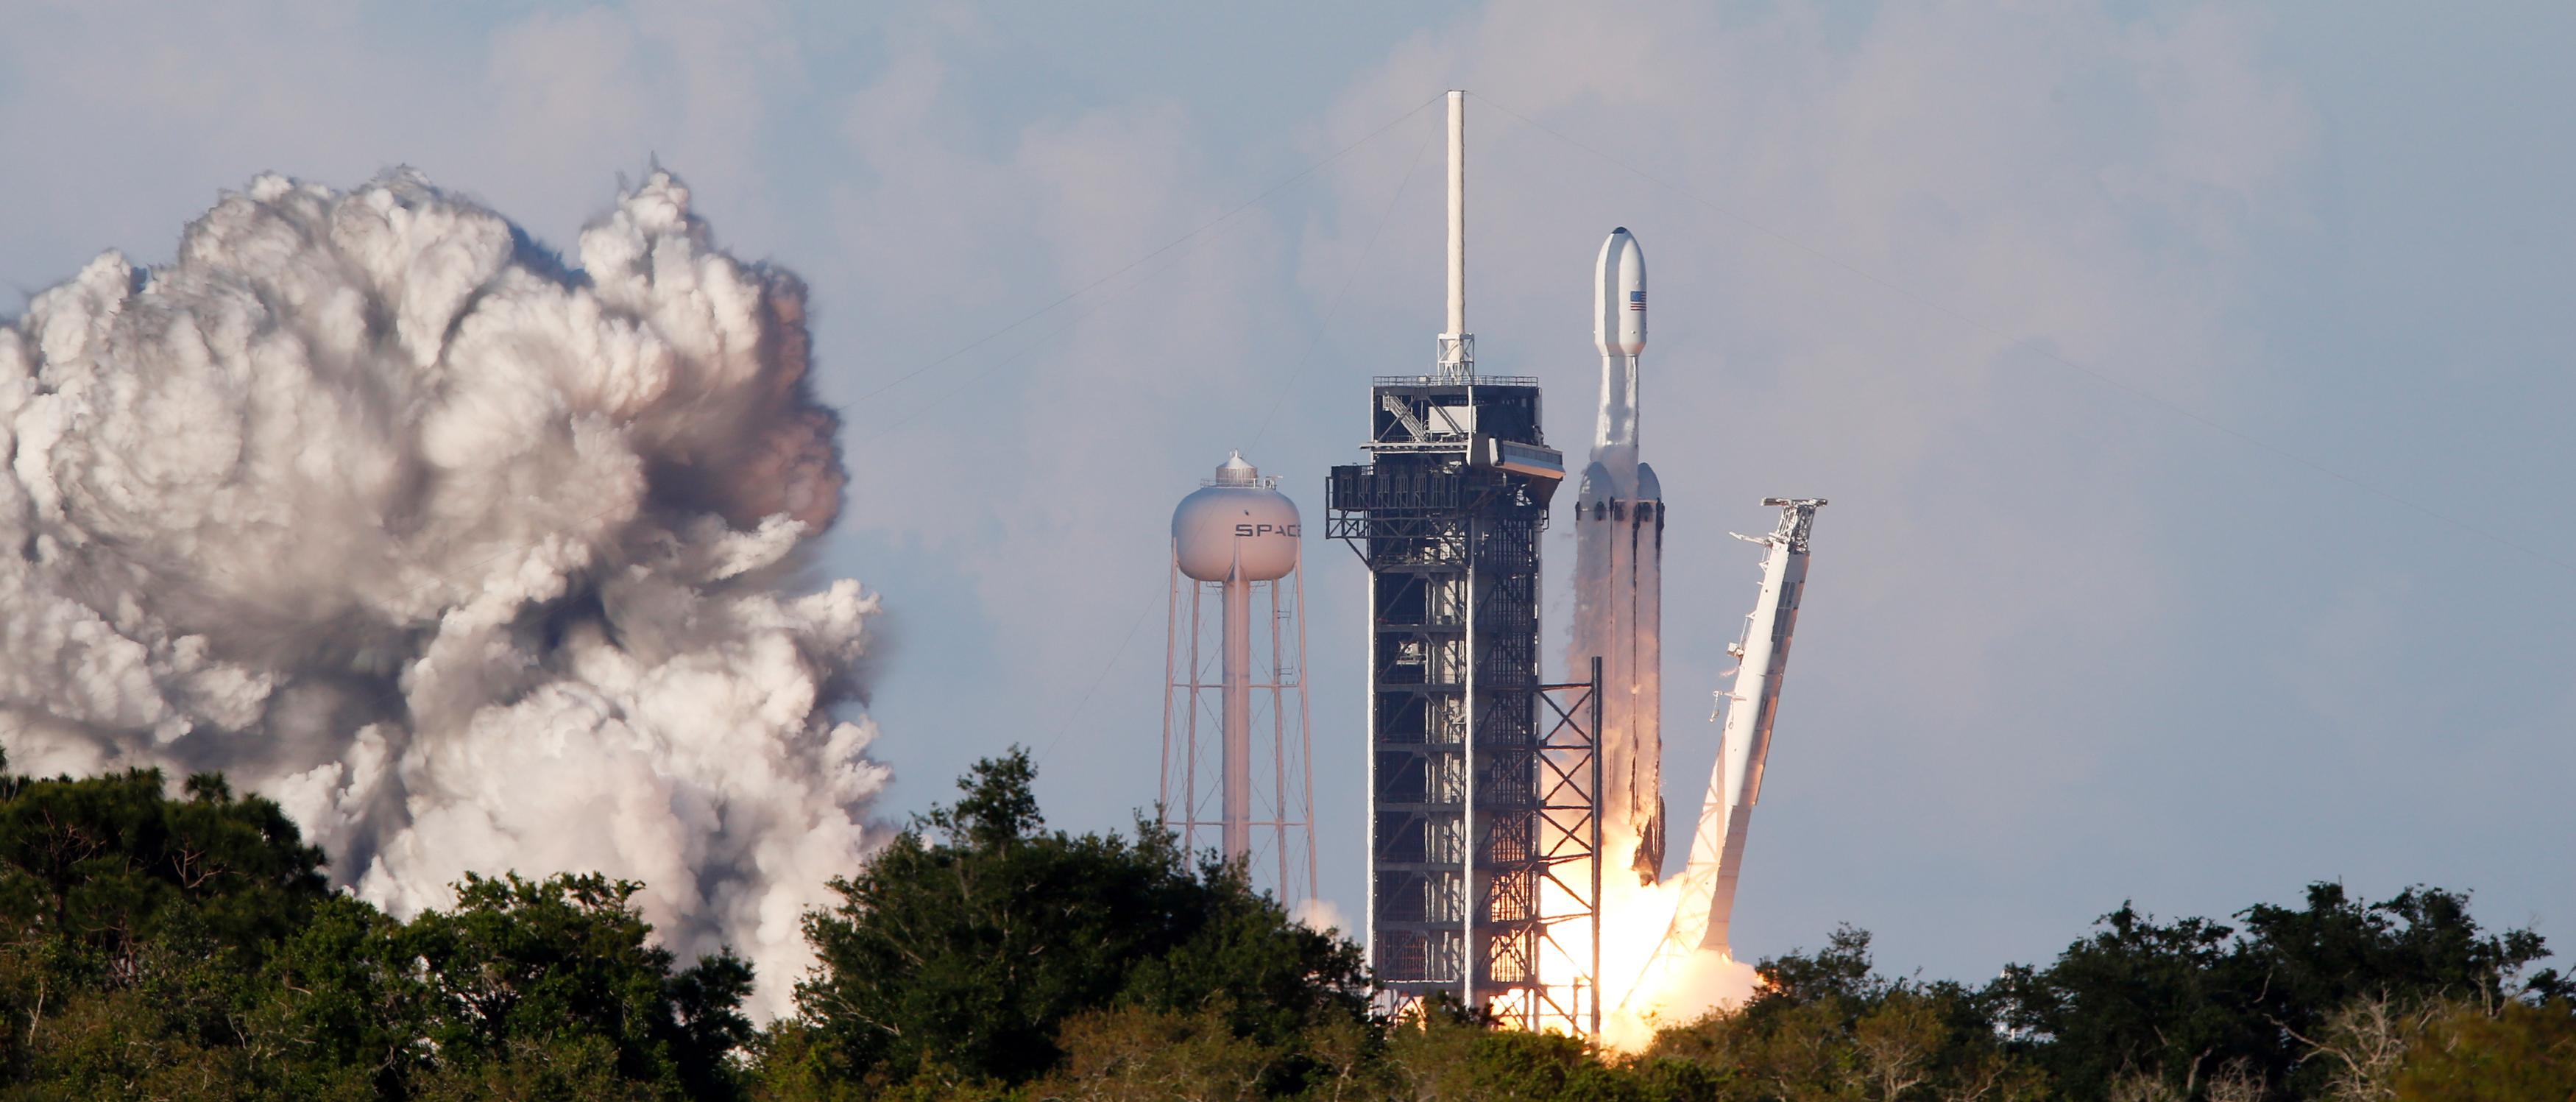 لحظة إطلاق أقوى صاروخ للفضاء (14)